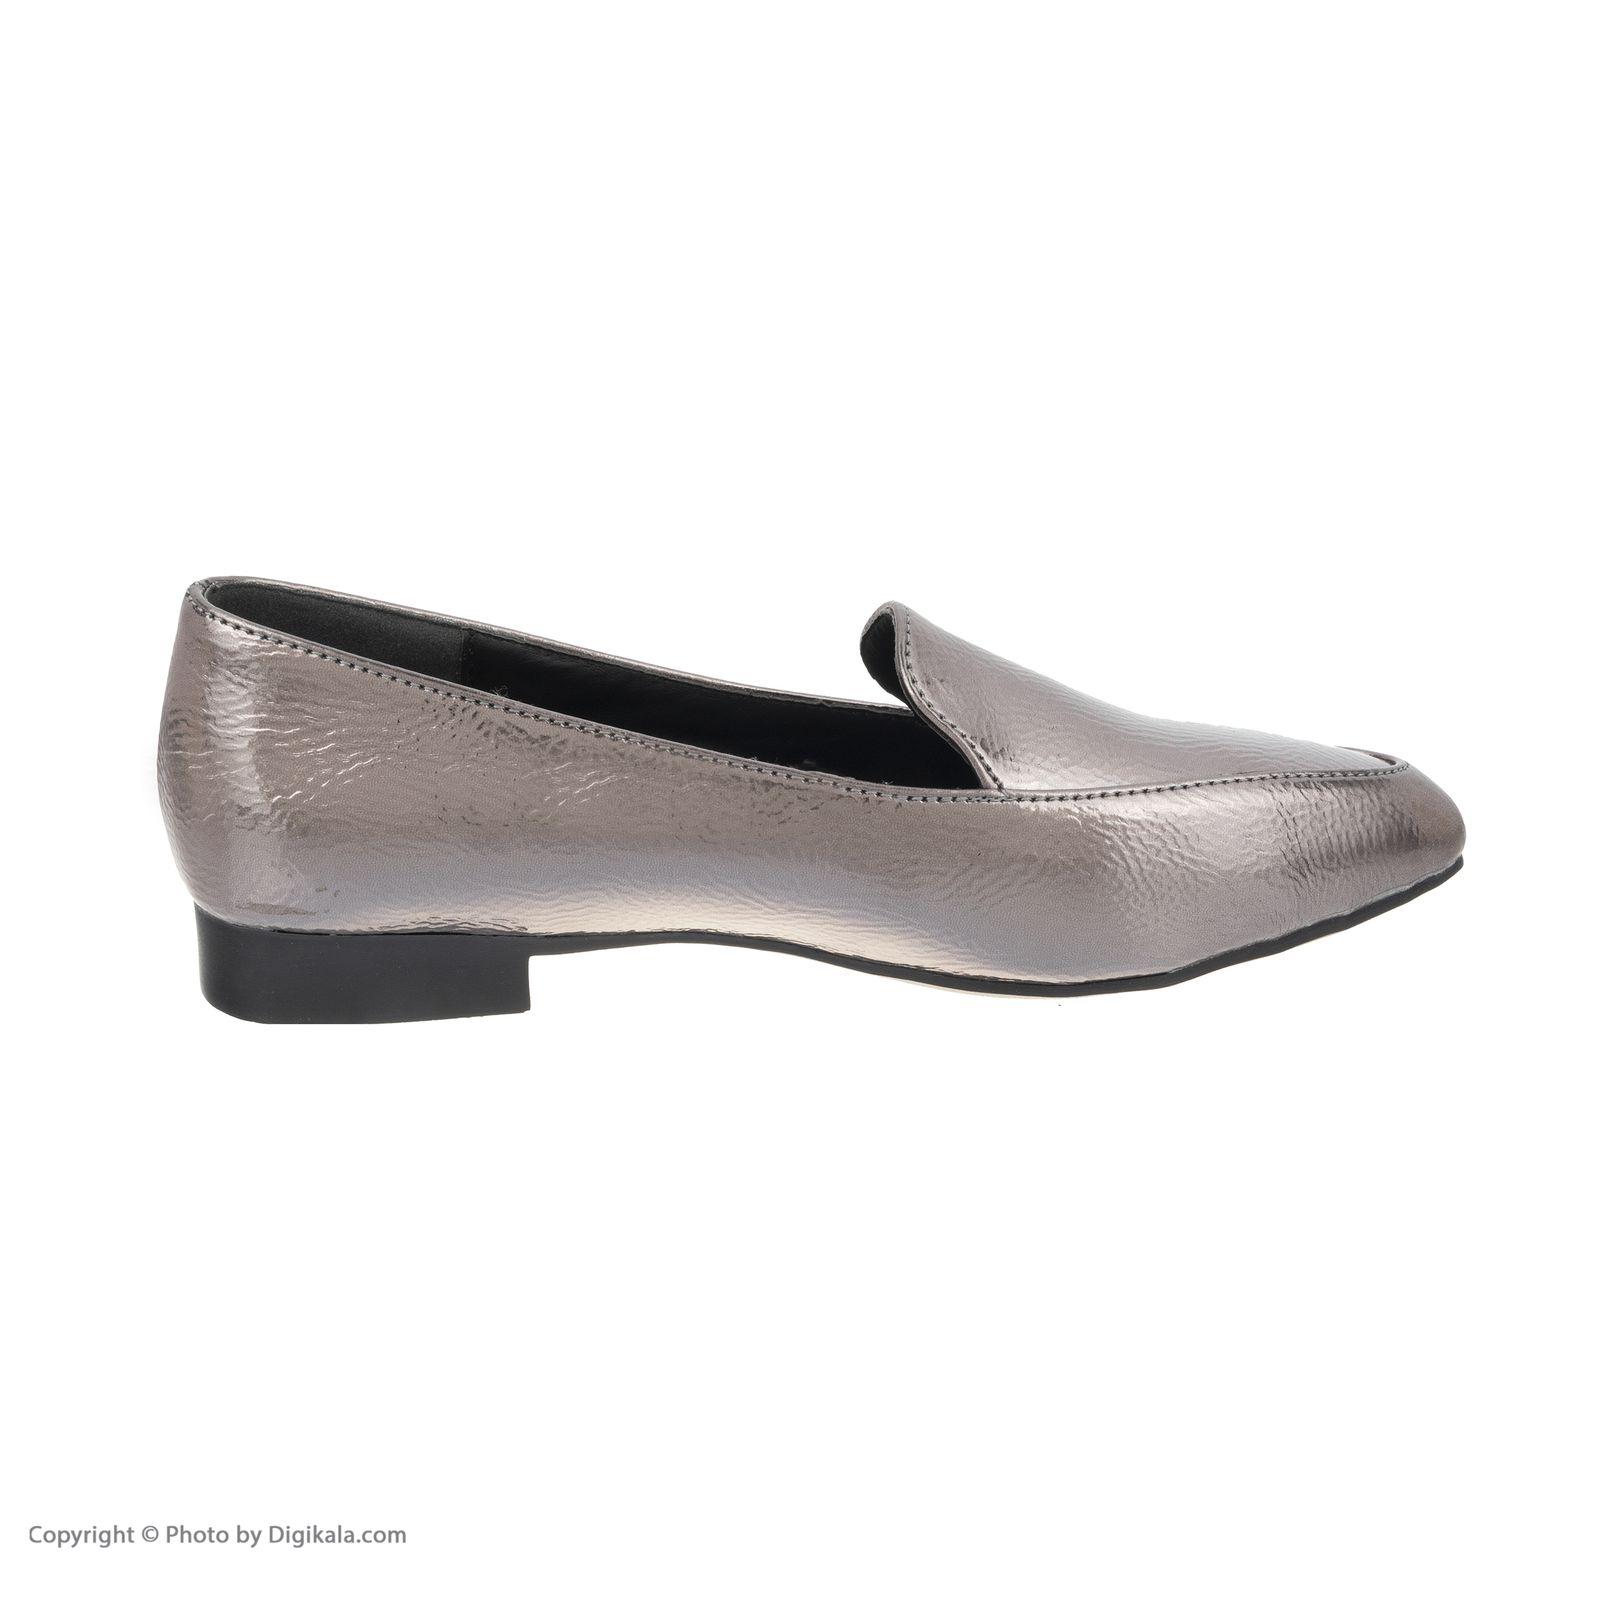 کفش زنانه مدل 6106 -  - 3